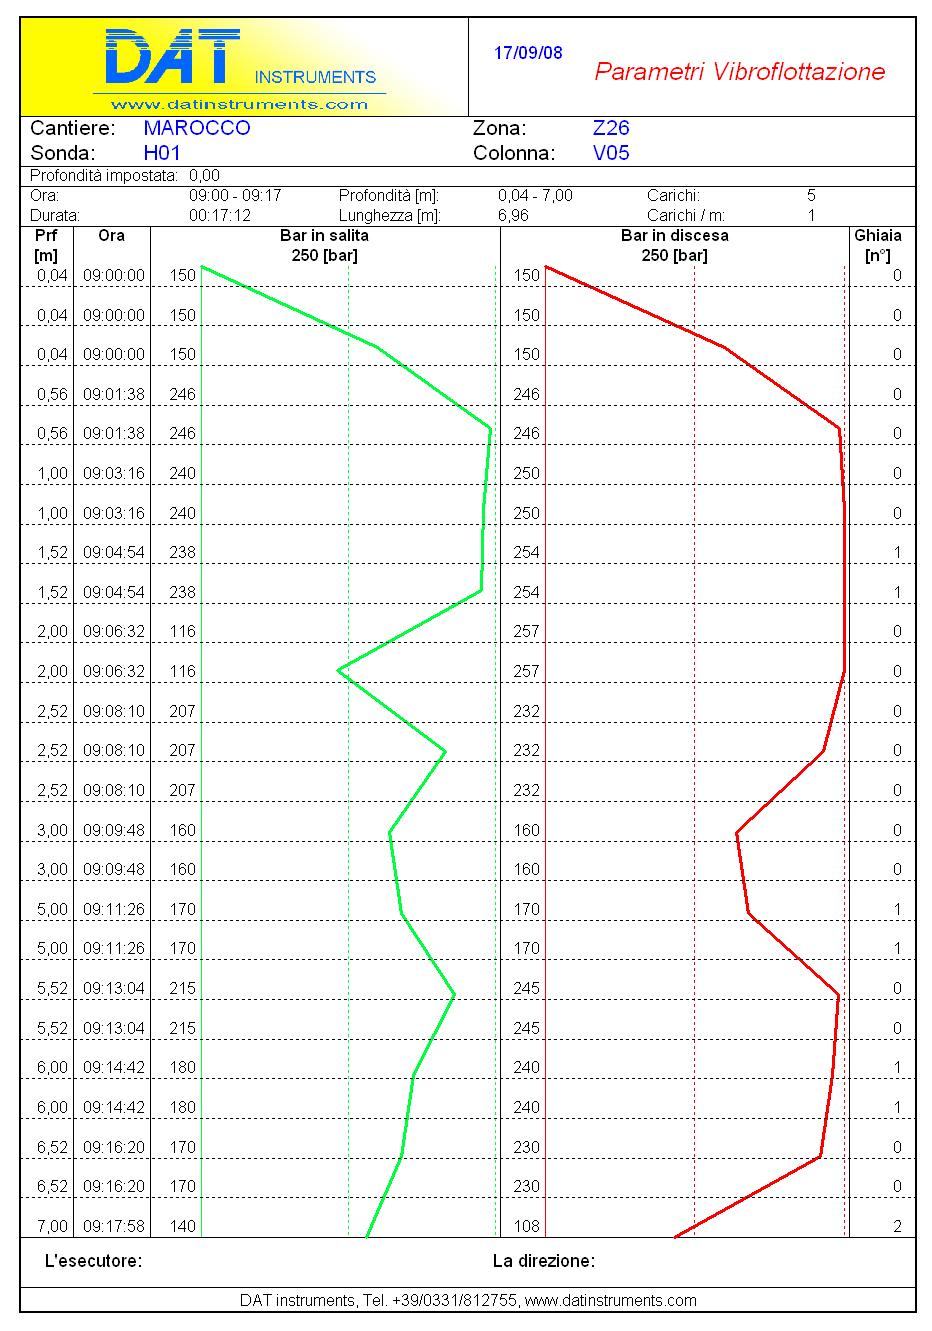 DAT instruments, JET S 104, software per vibroflottazione con ghiaia, esempio di report